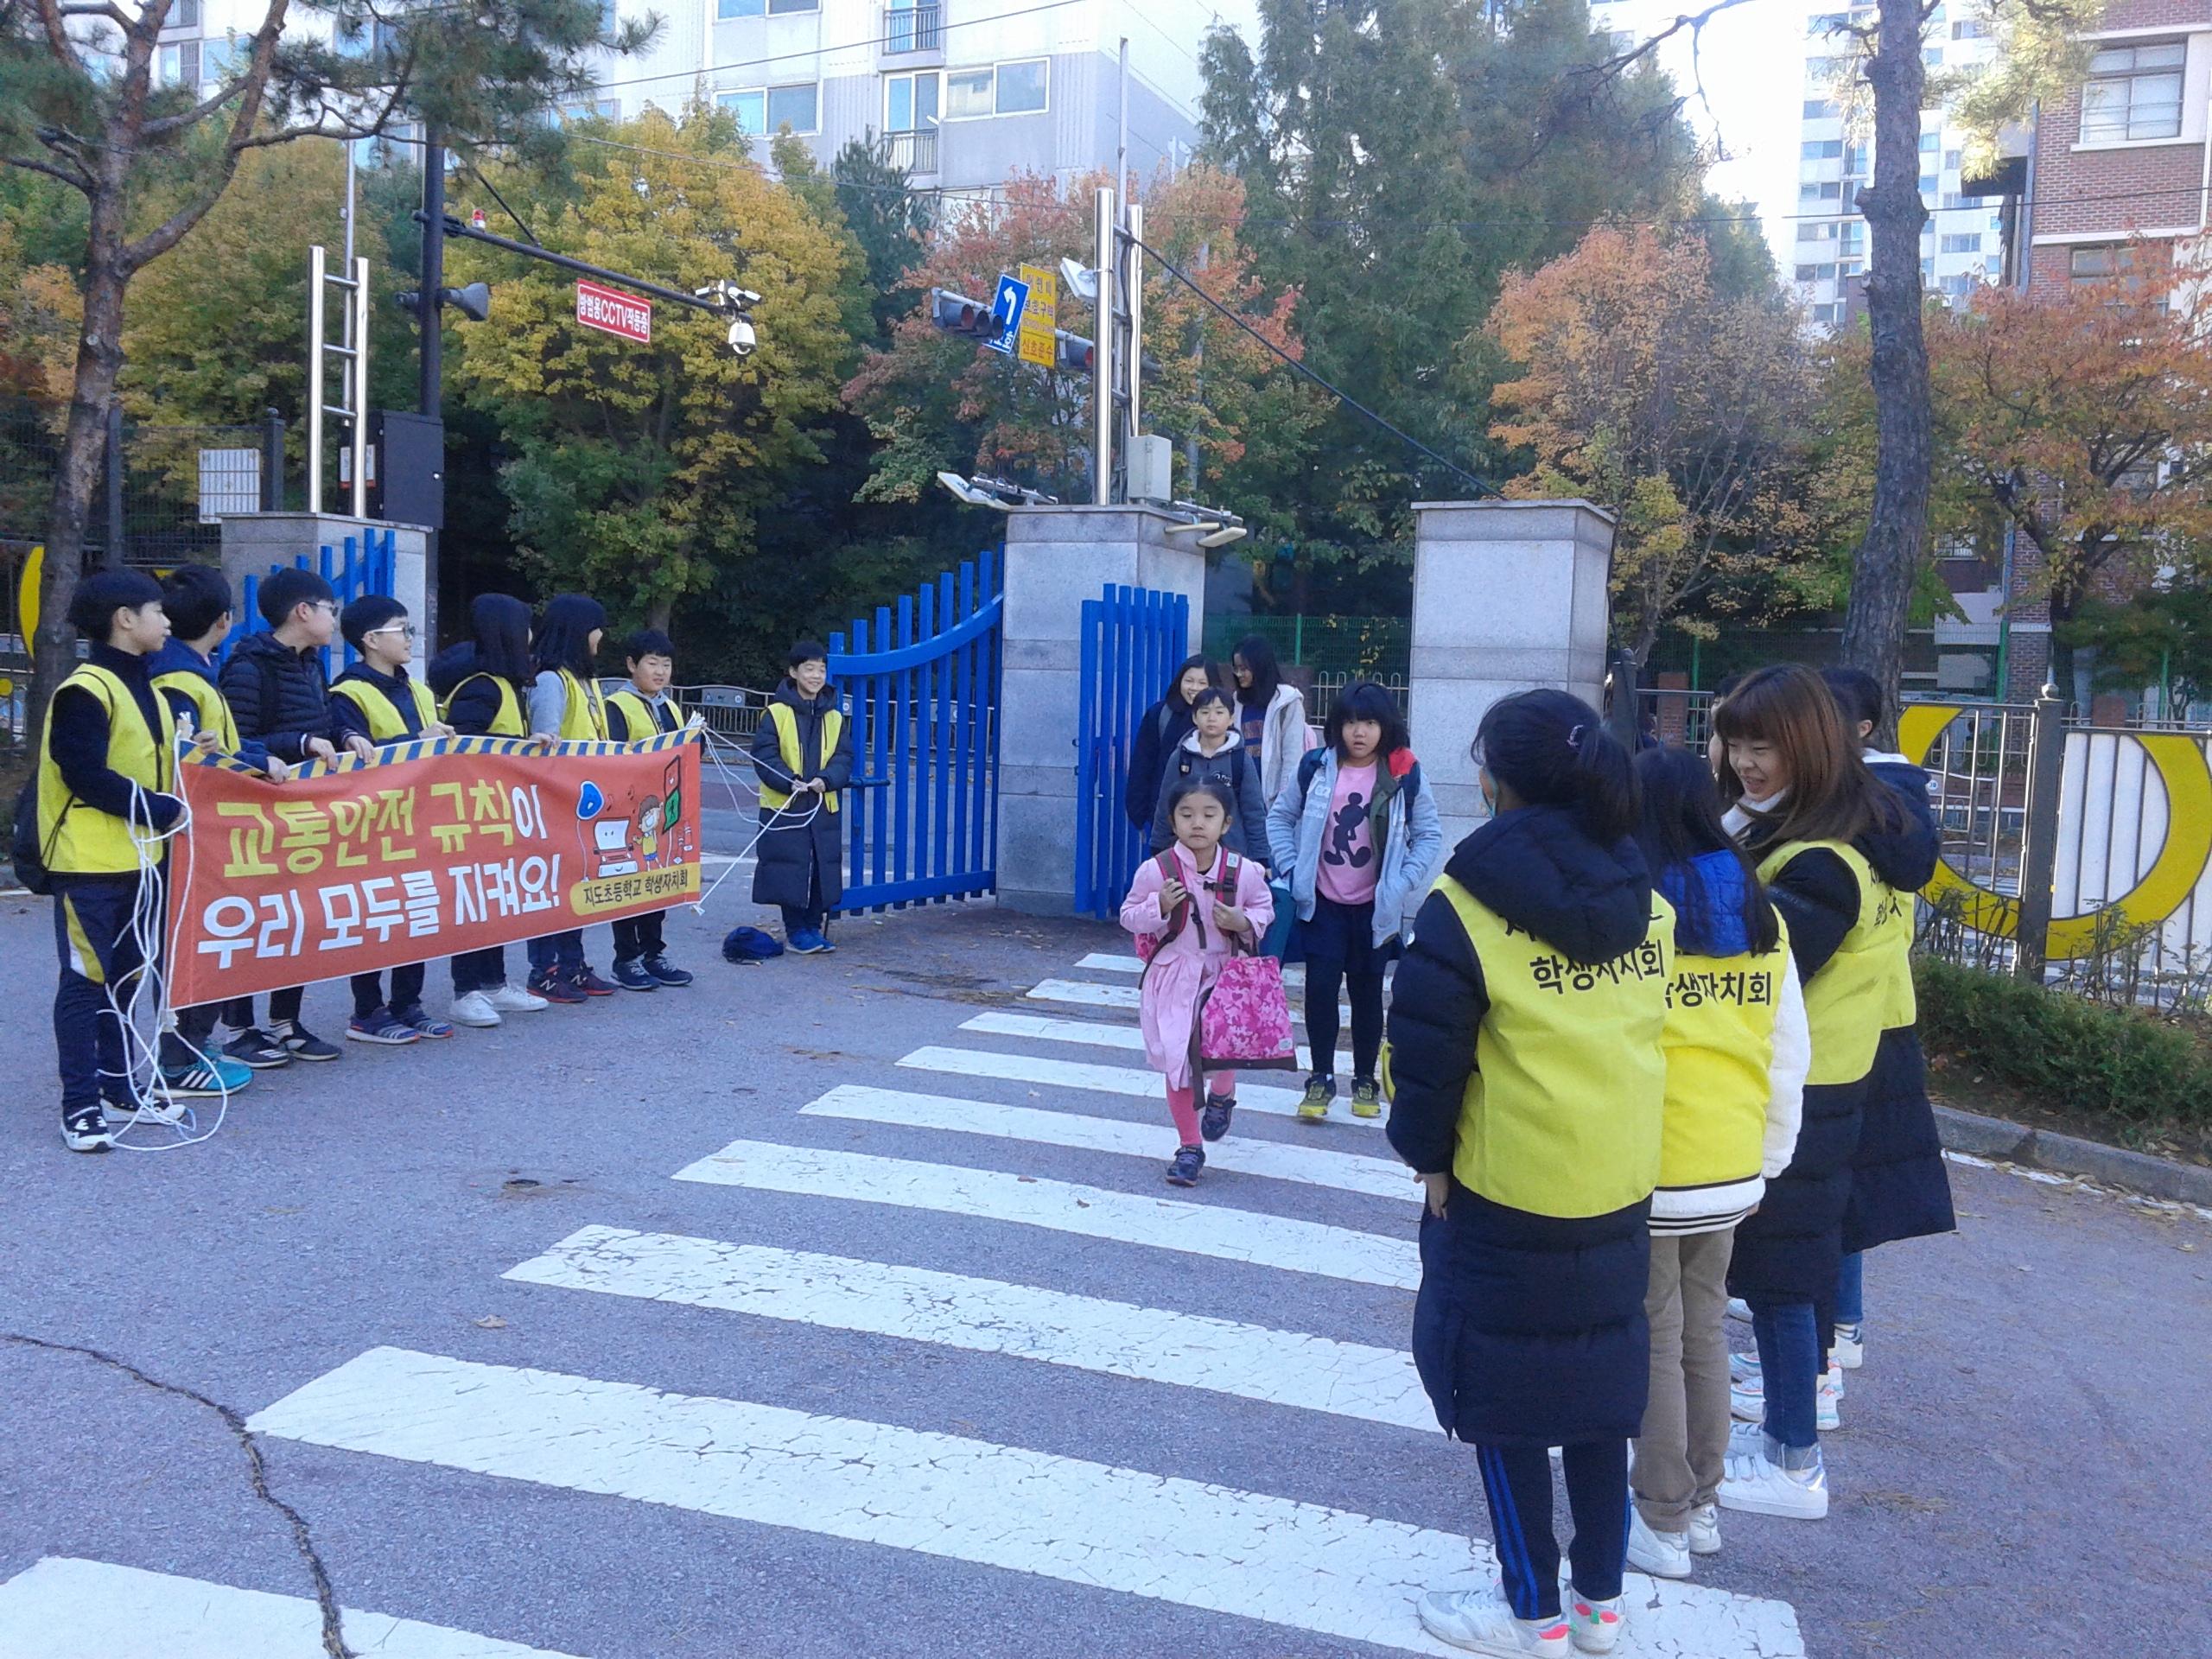 [일반] 전교학생자치회 5학년 2학기 캠페인의 첨부이미지 2